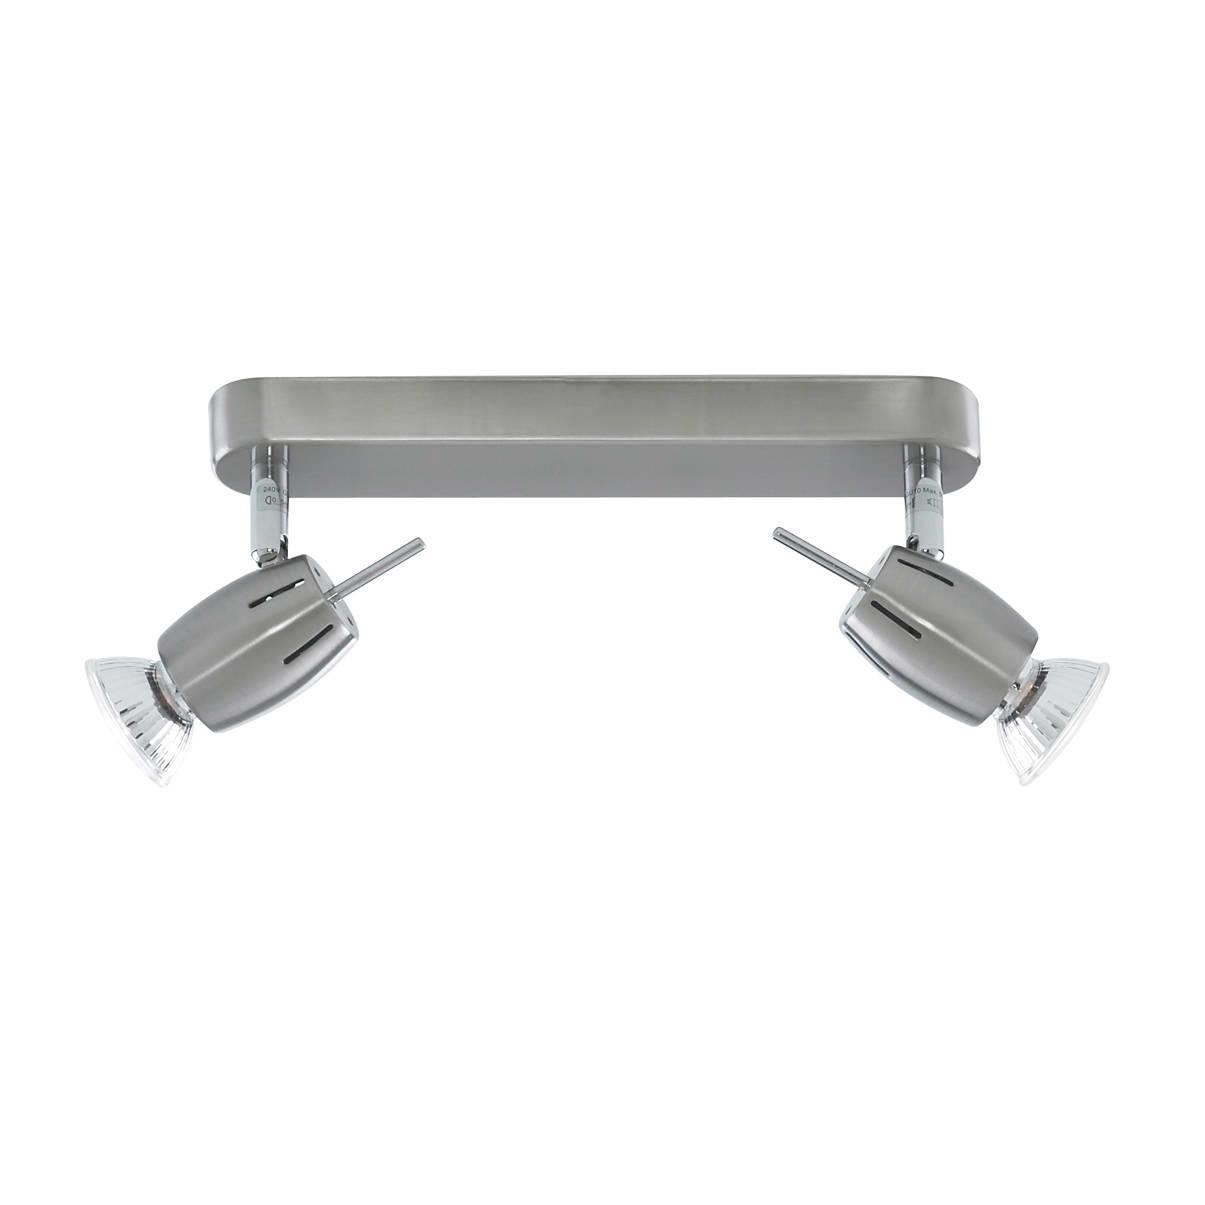 Litecraft Frank 2 Light Adjustable Ceiling Spotlight Plate - Satin Nickel